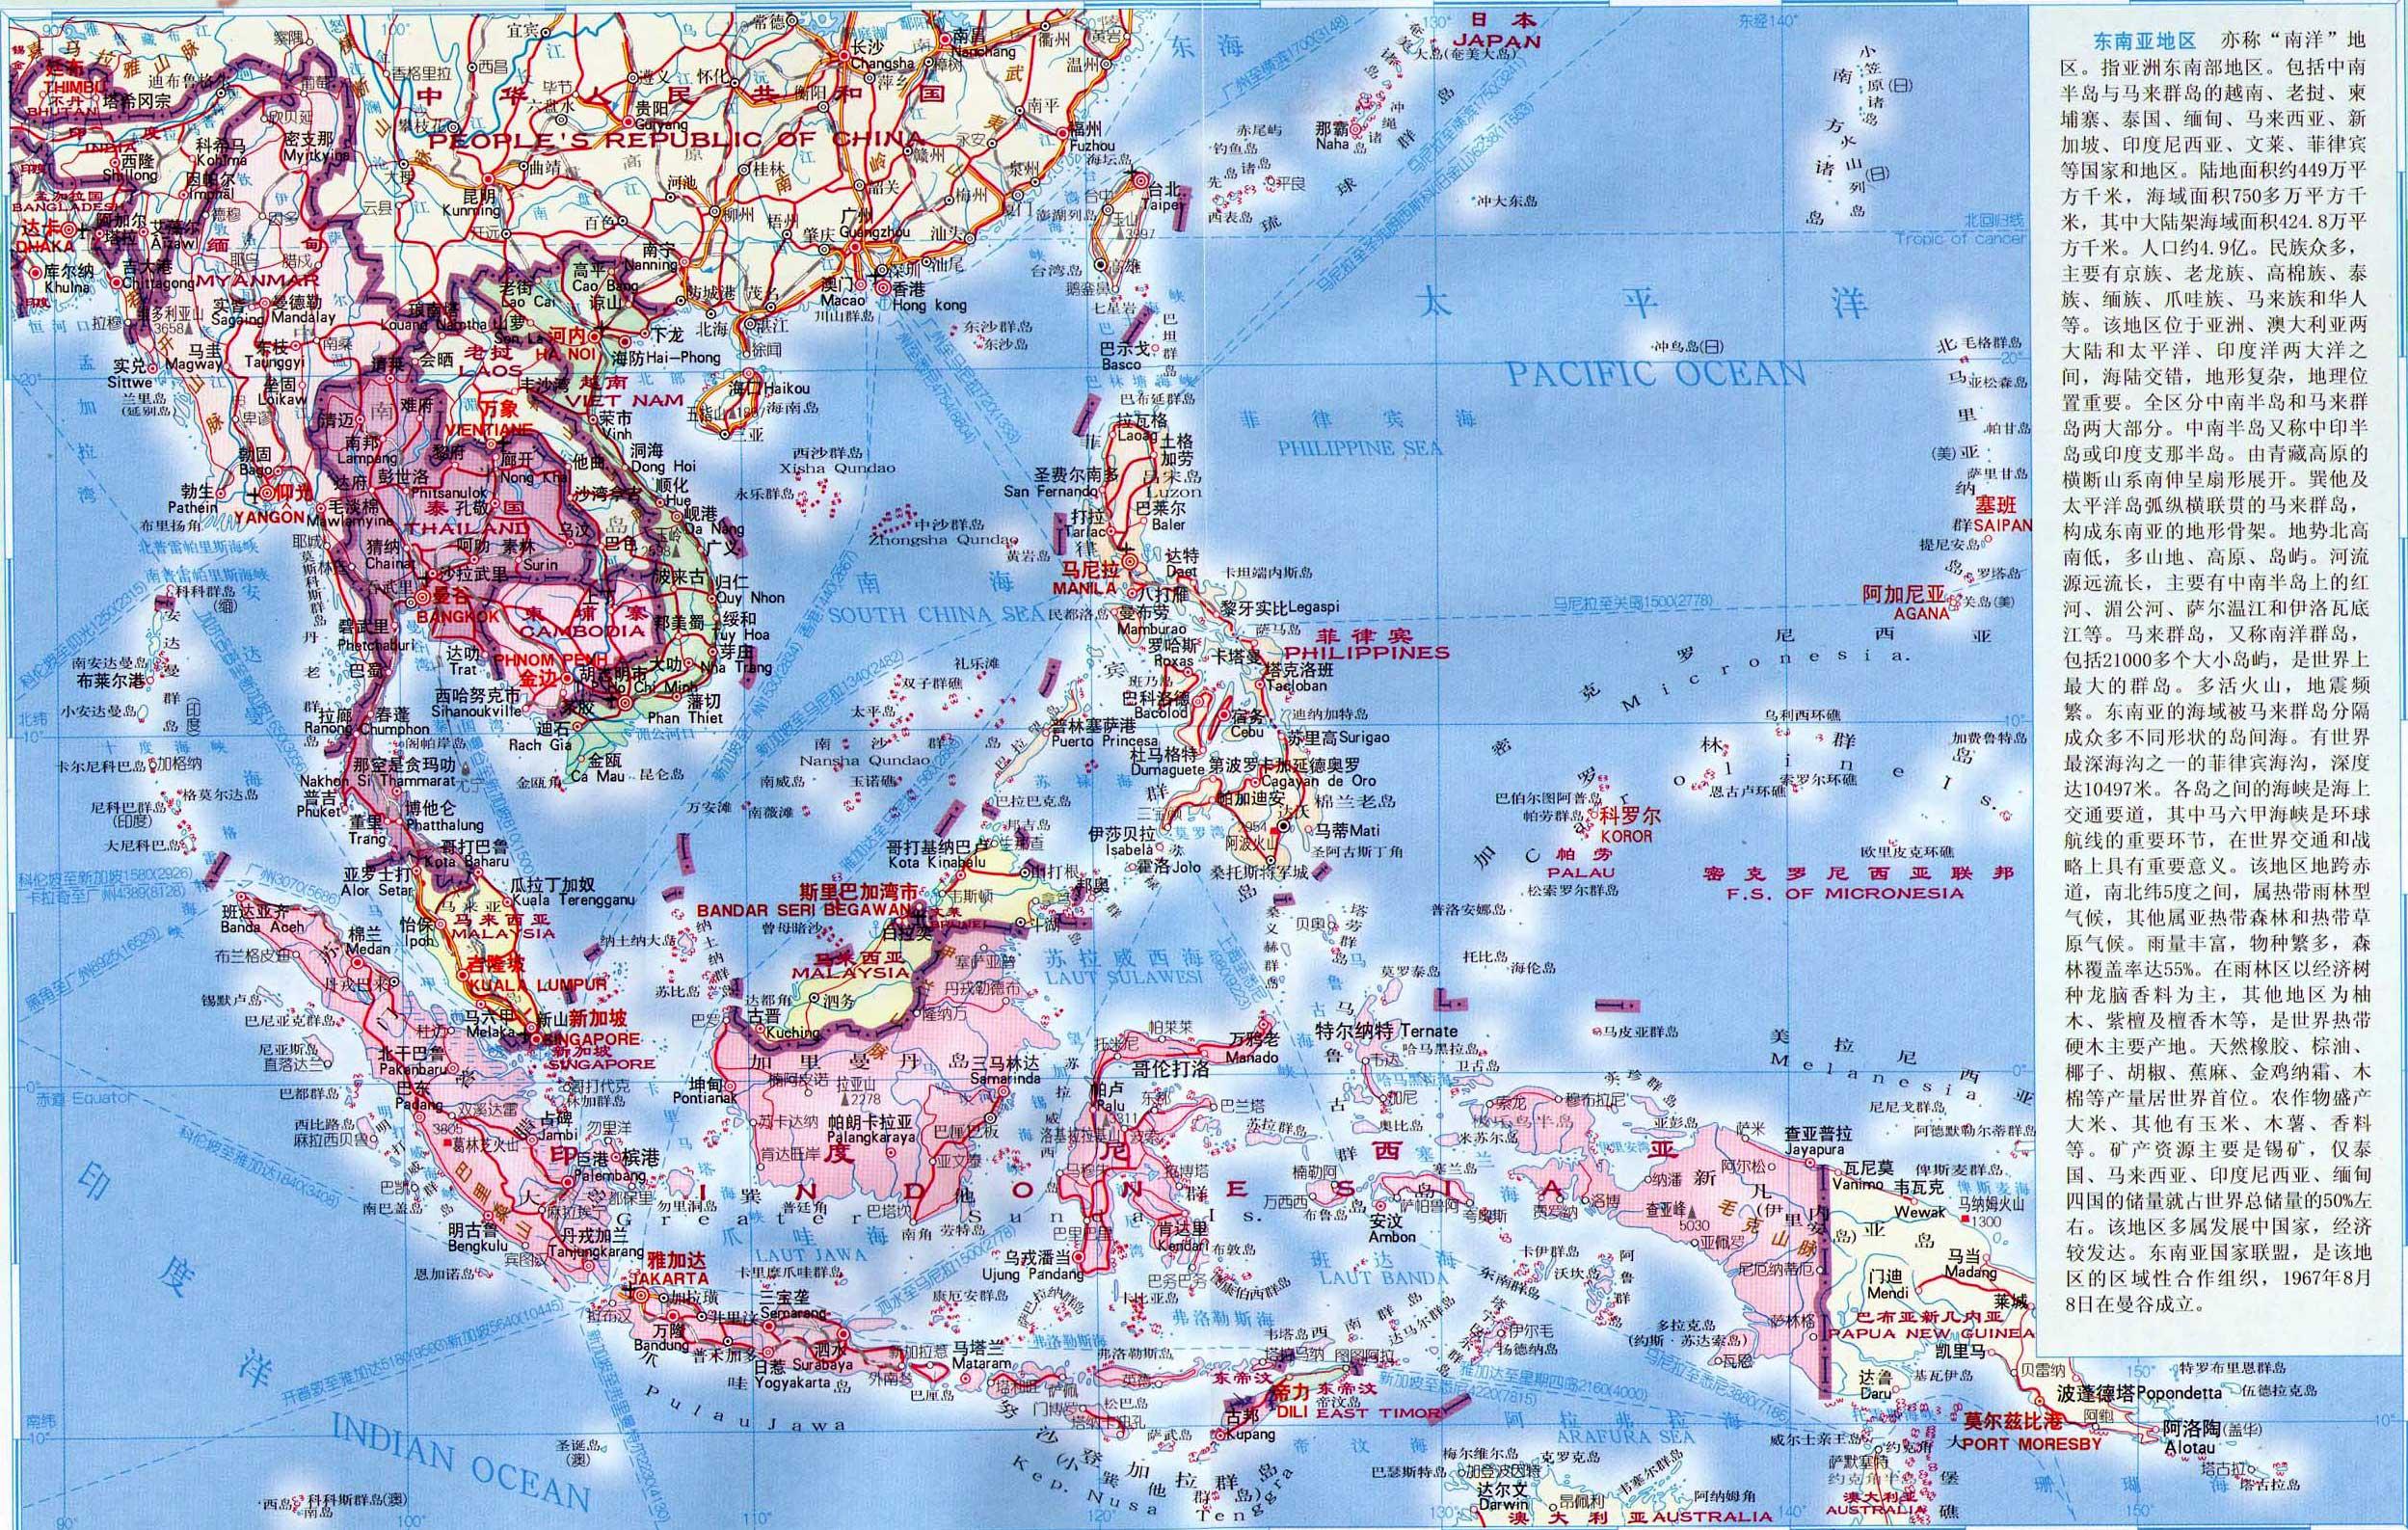 的各类中国南海地图